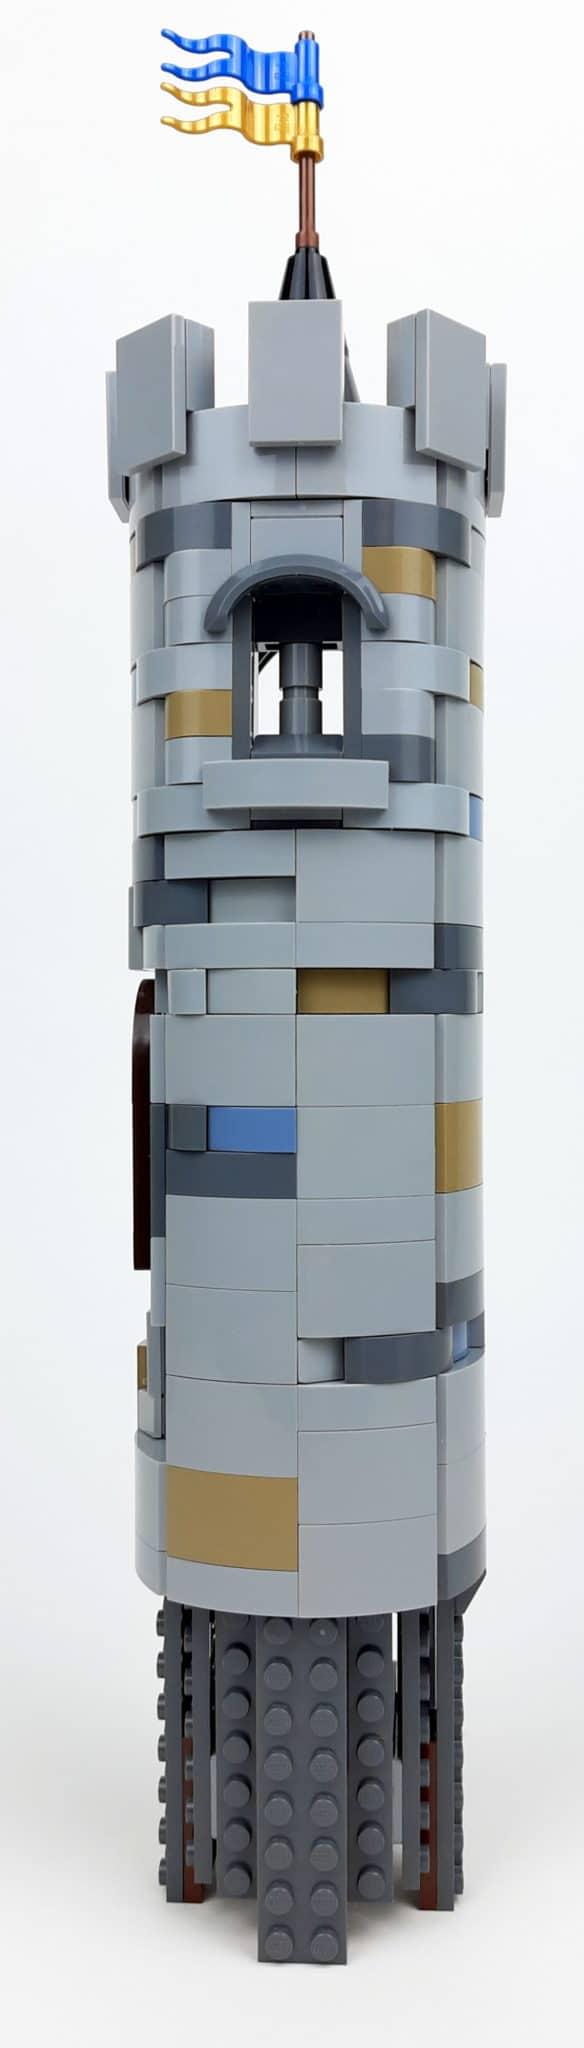 BL19001 - Bauabschnitt 5